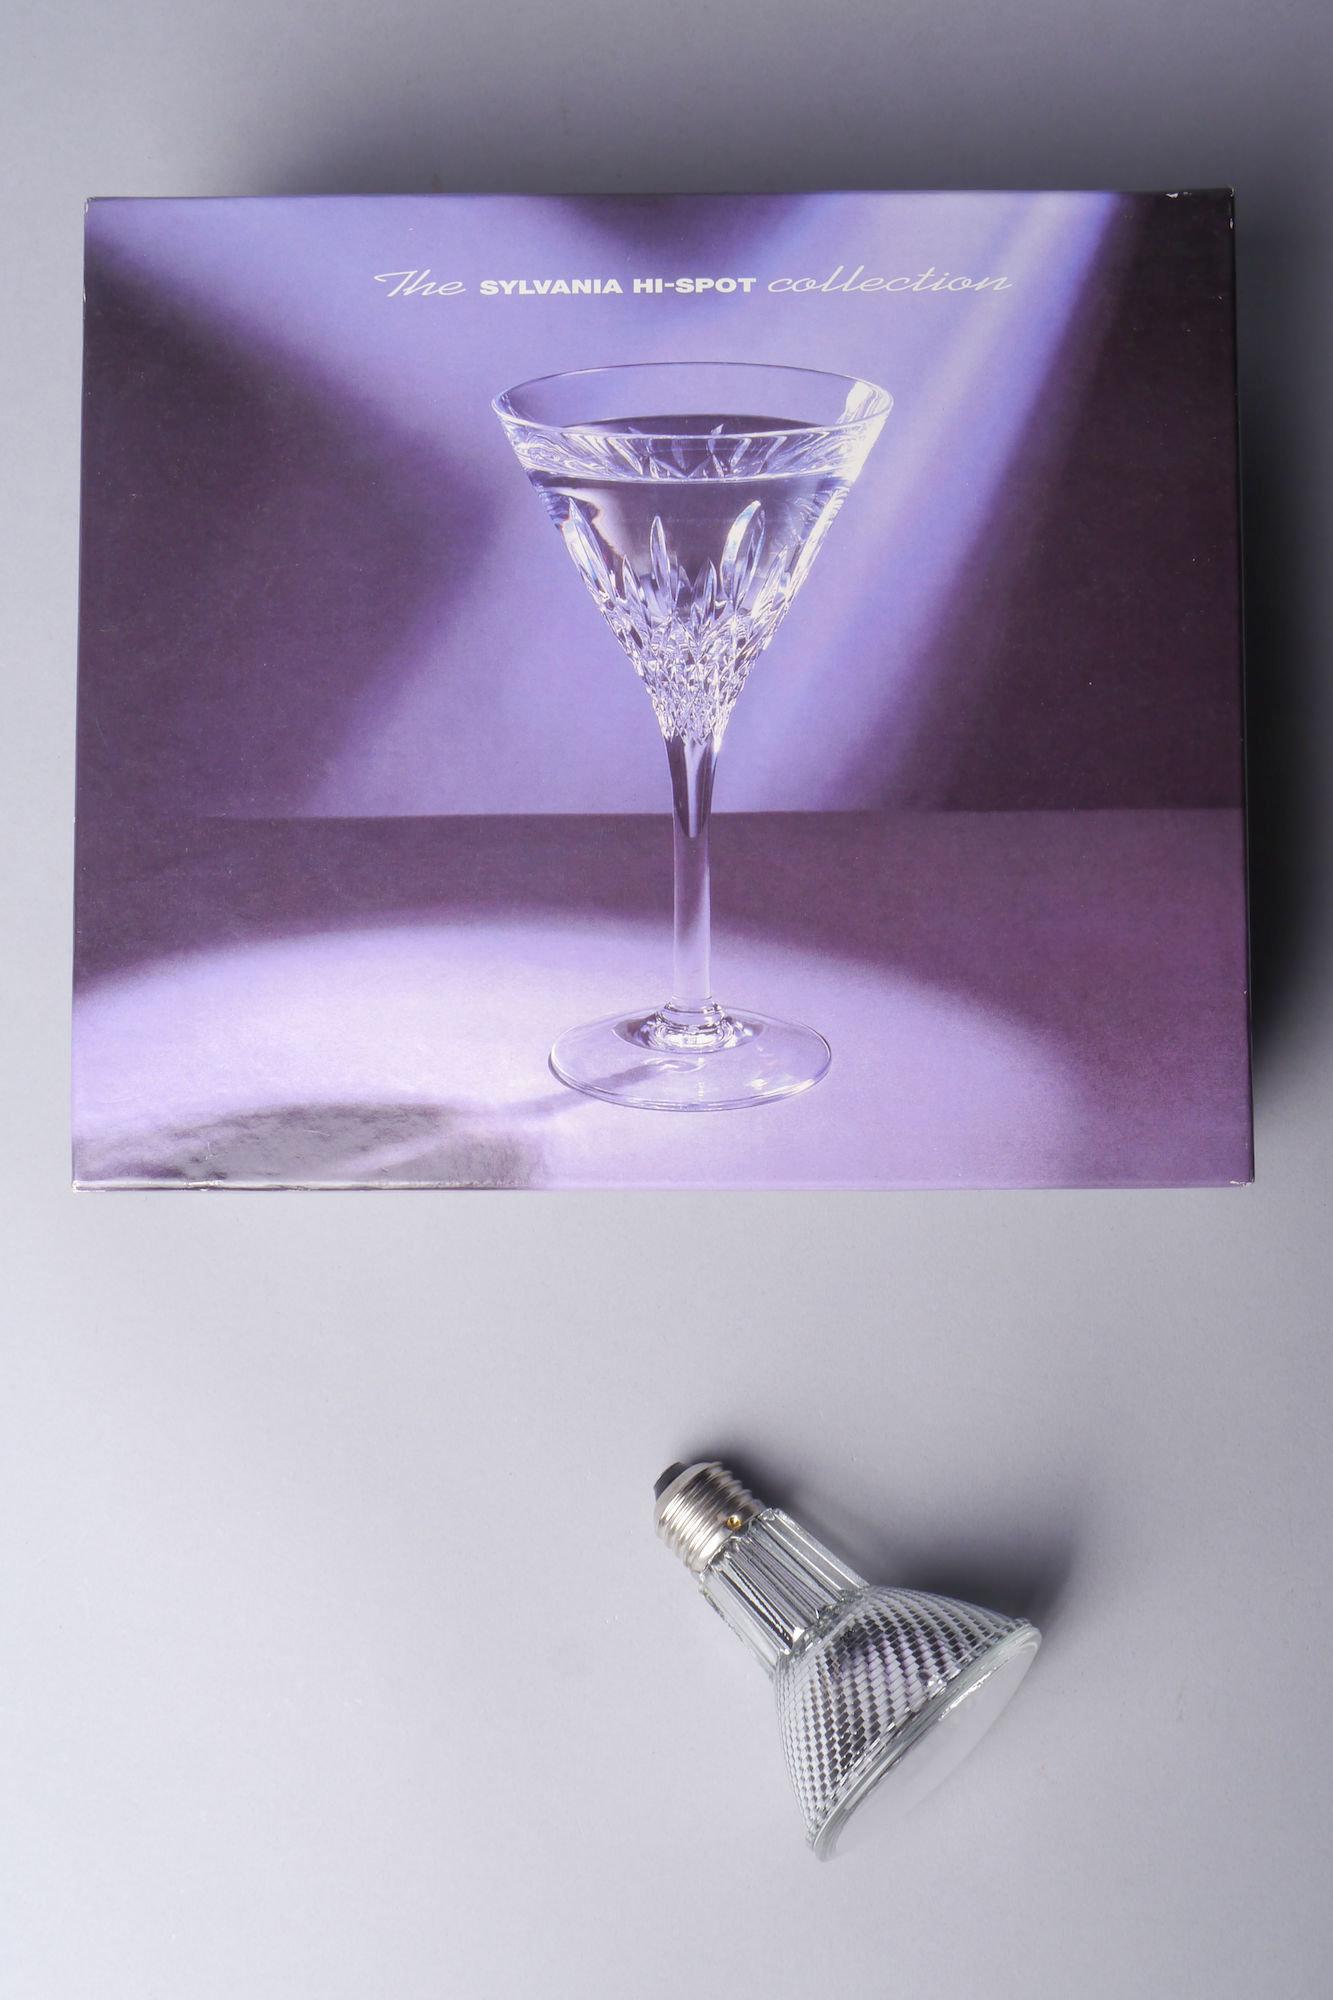 Promotiedoos met halogeenlamp van het merk Sylvania